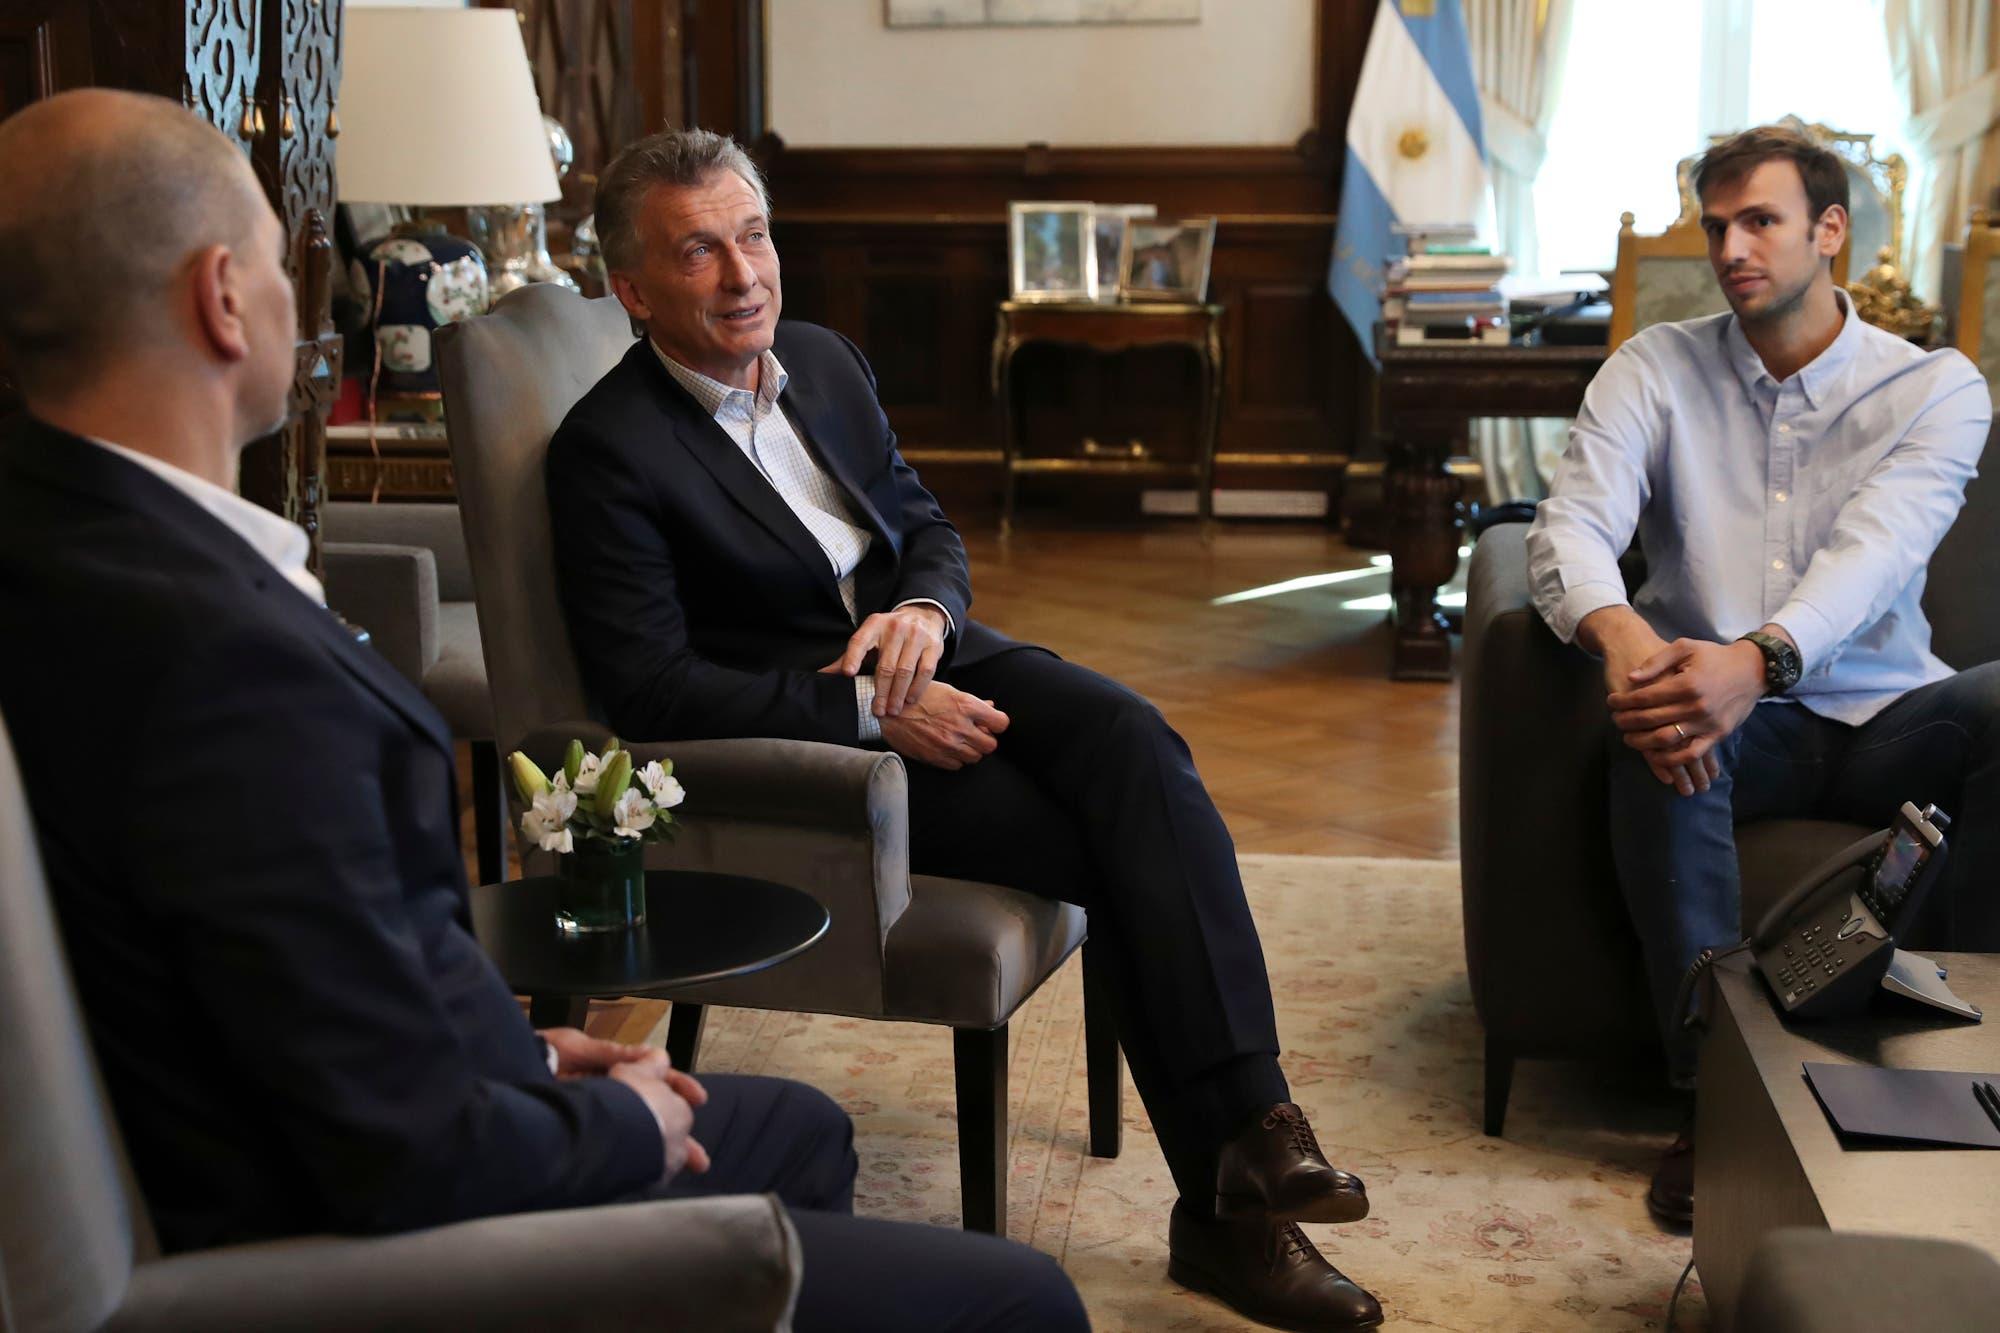 El básquetbol en la Casa Rosada: Mauricio Macri recibió a Hernández y Delia